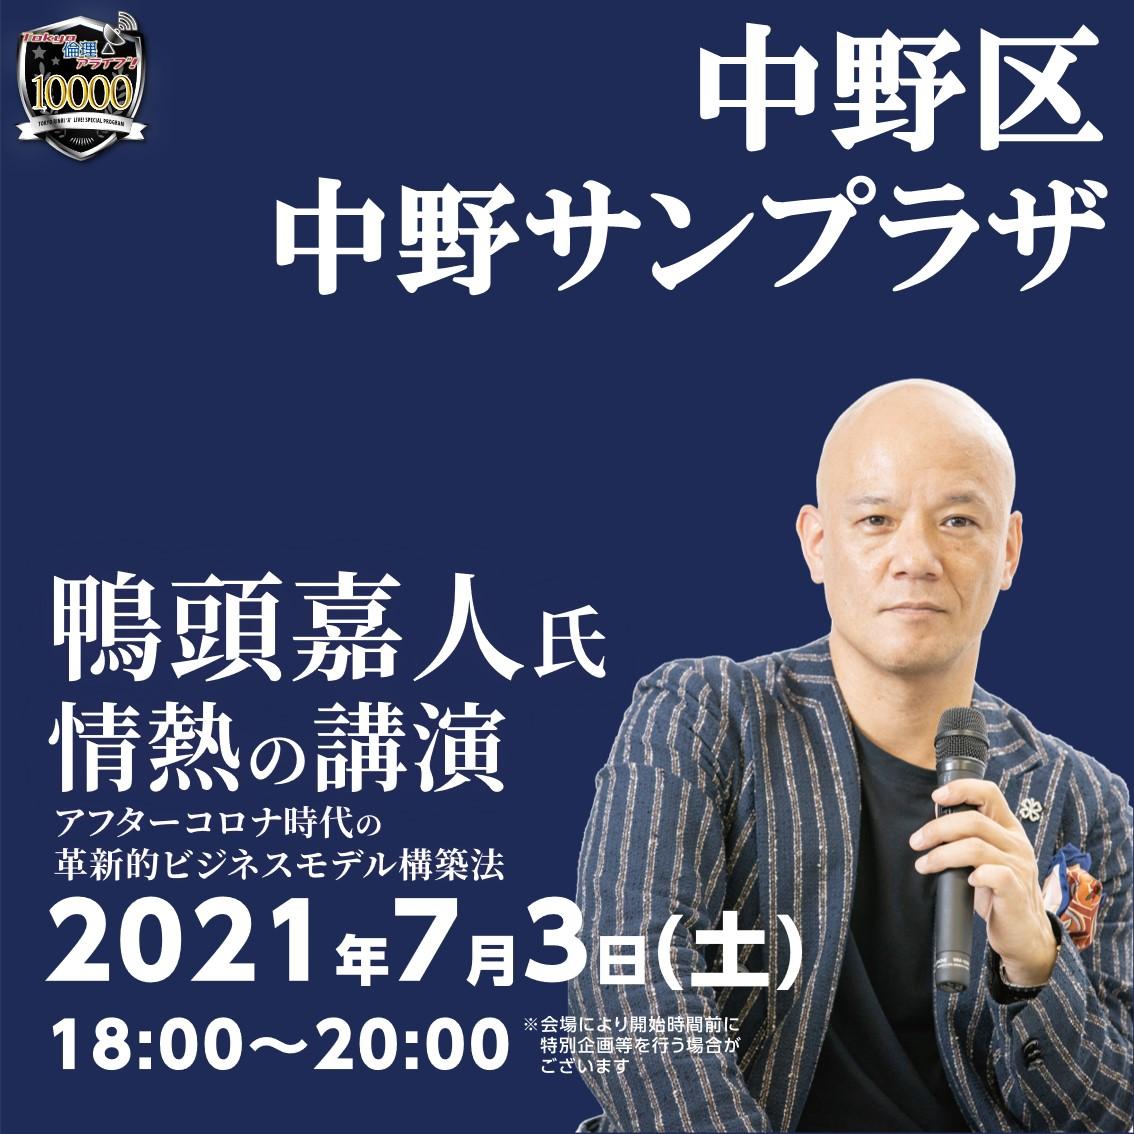 【中野区】倫理アライブ10000サテライト会場【中野サンプラザ】